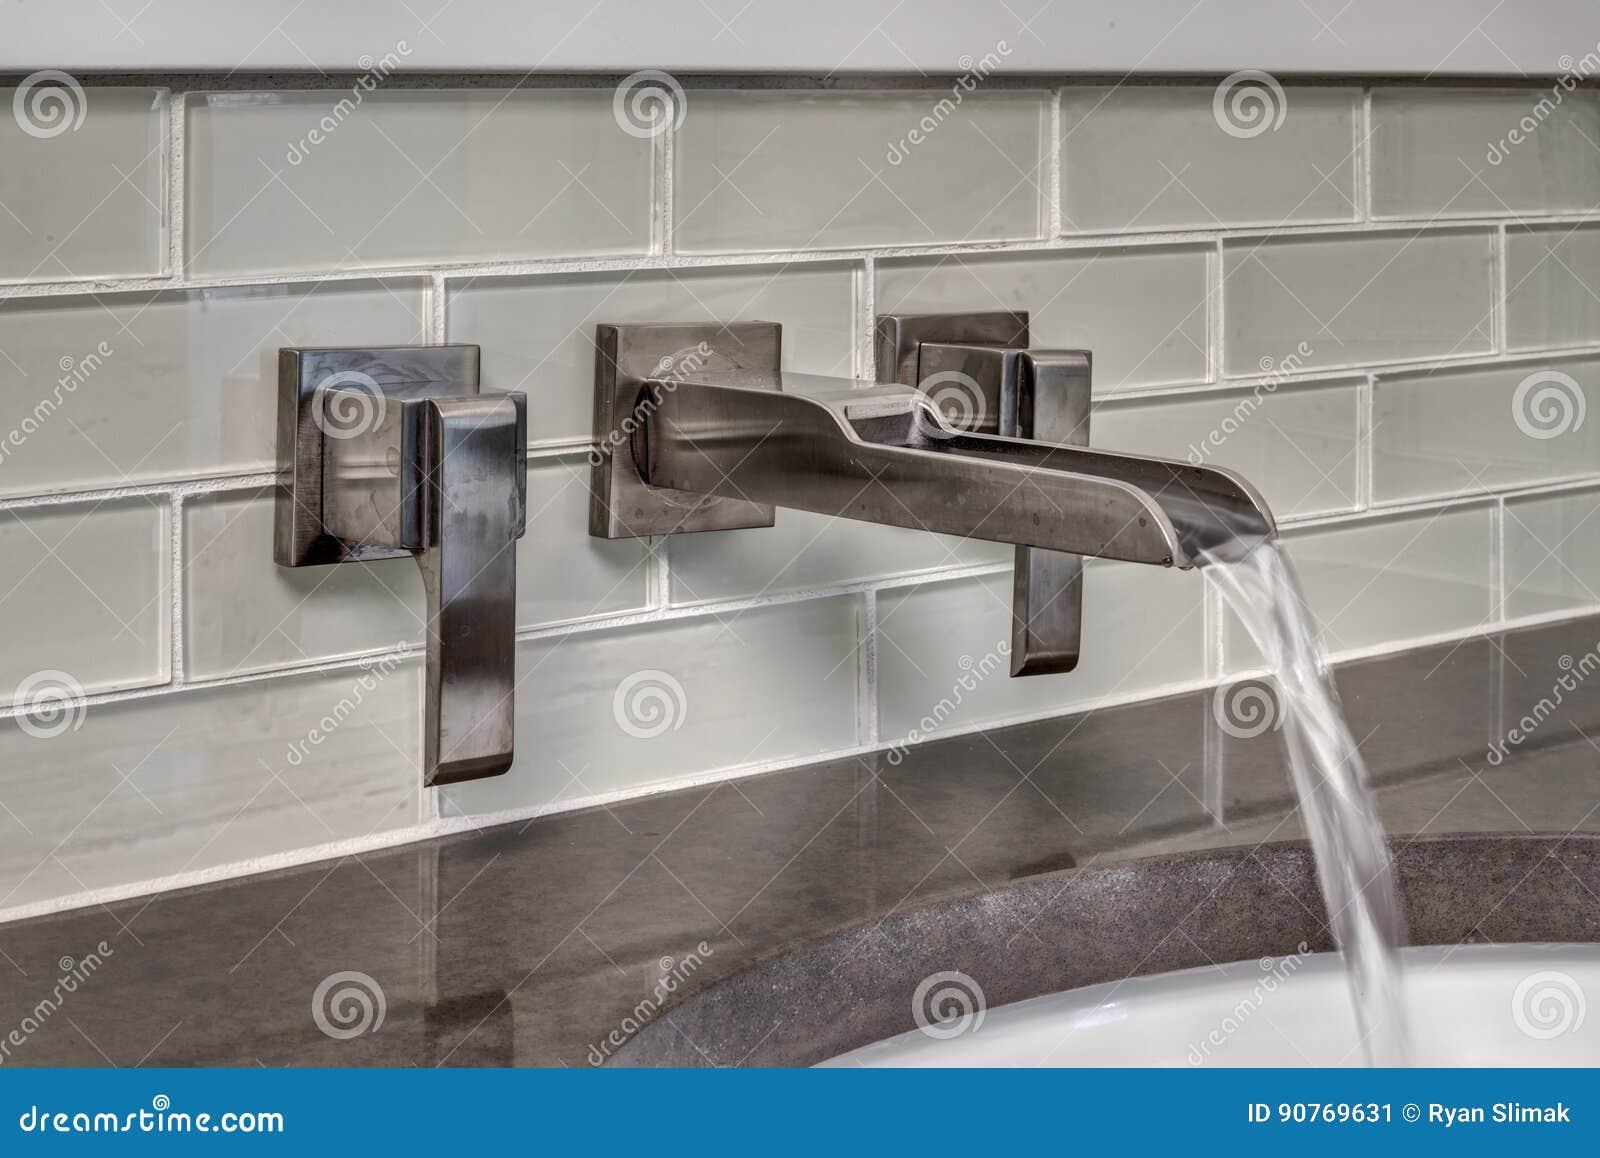 Courses de l eau de robinet de salle de bains